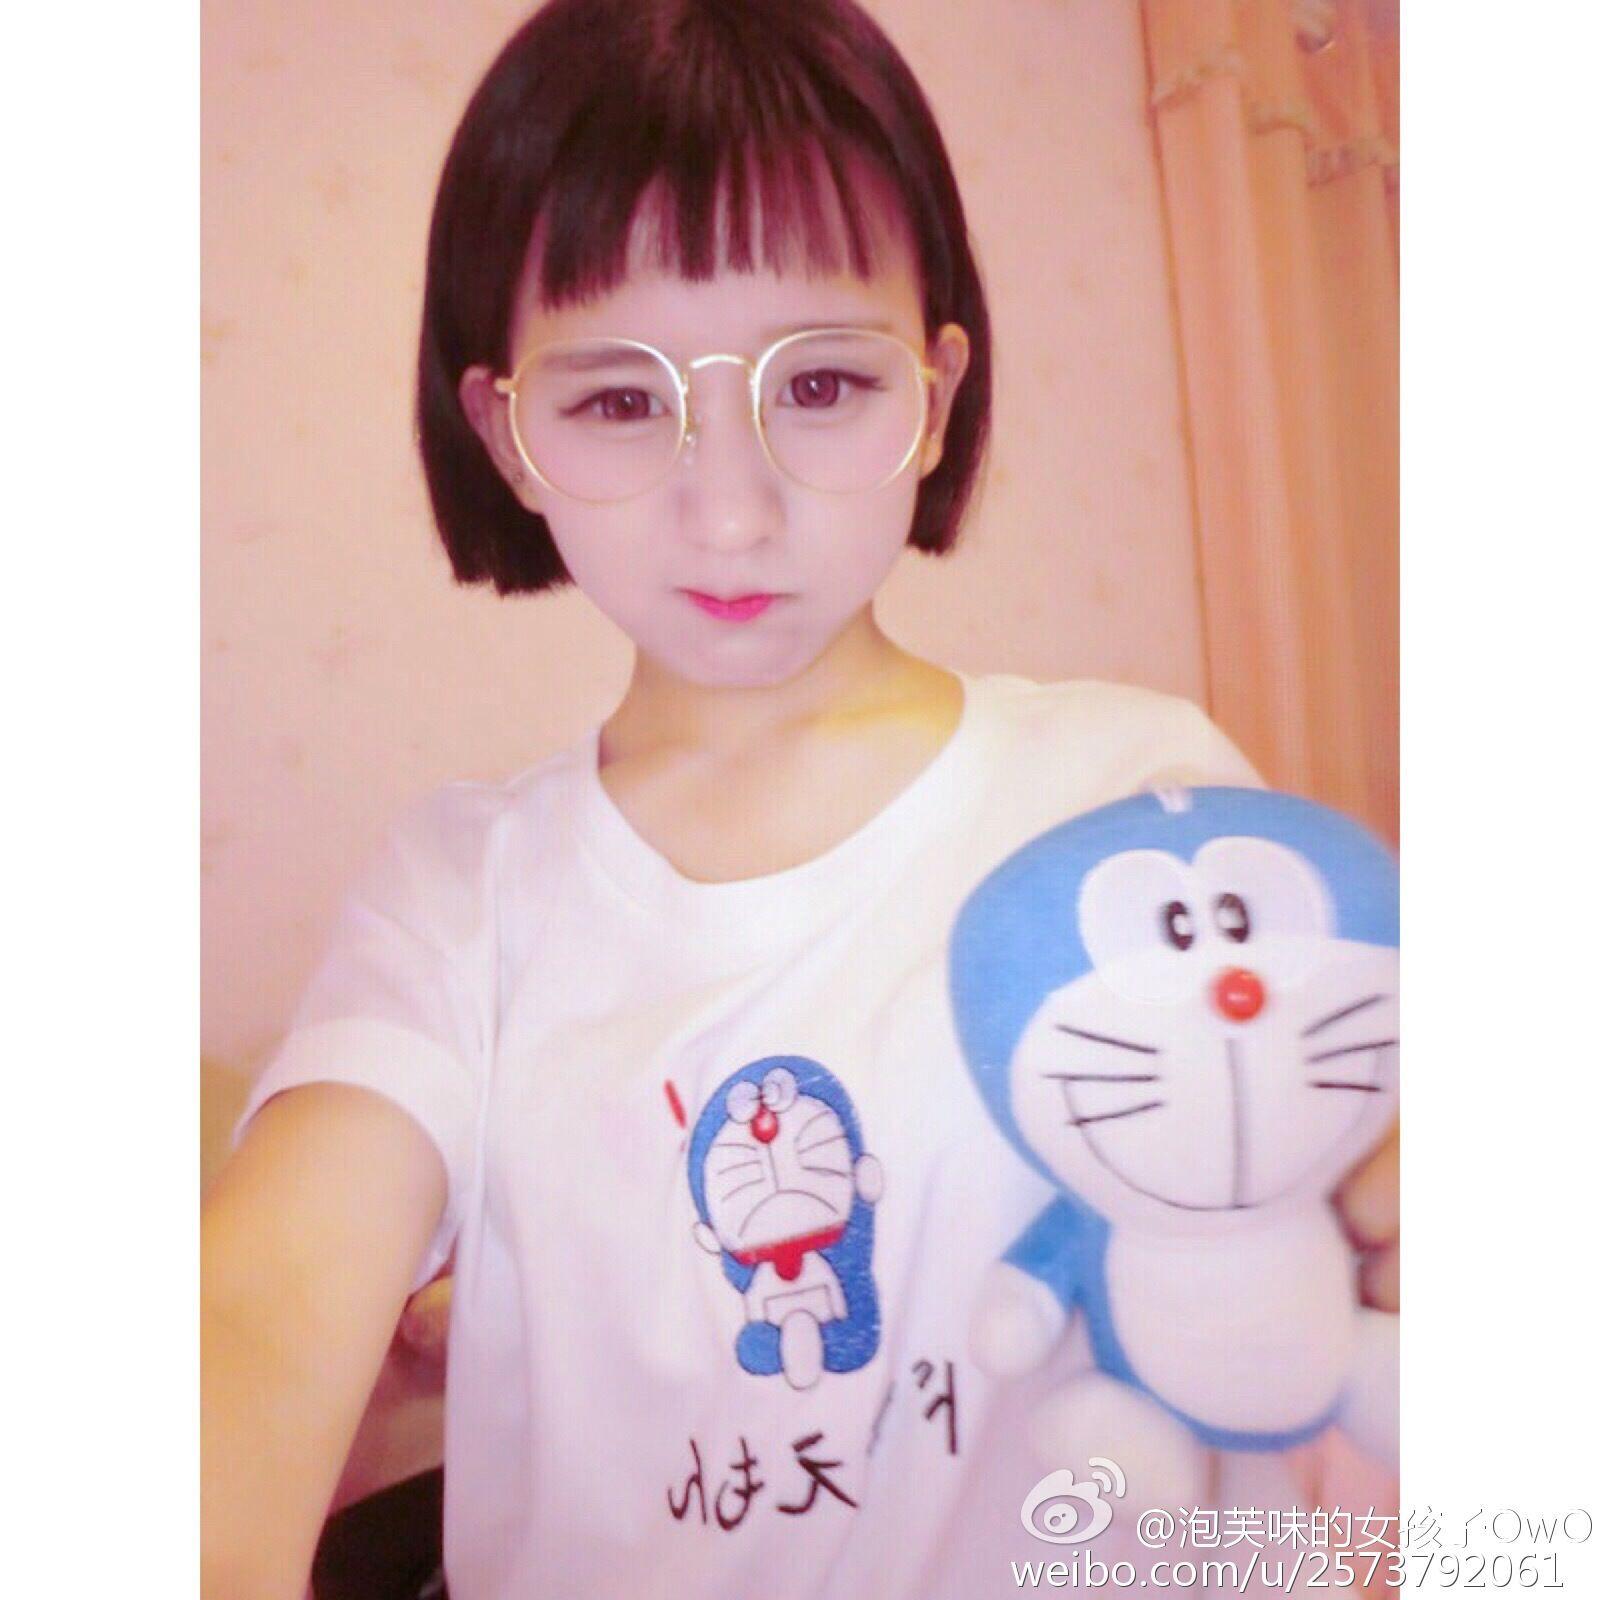 no.5王逗逗的小时候(王淼)